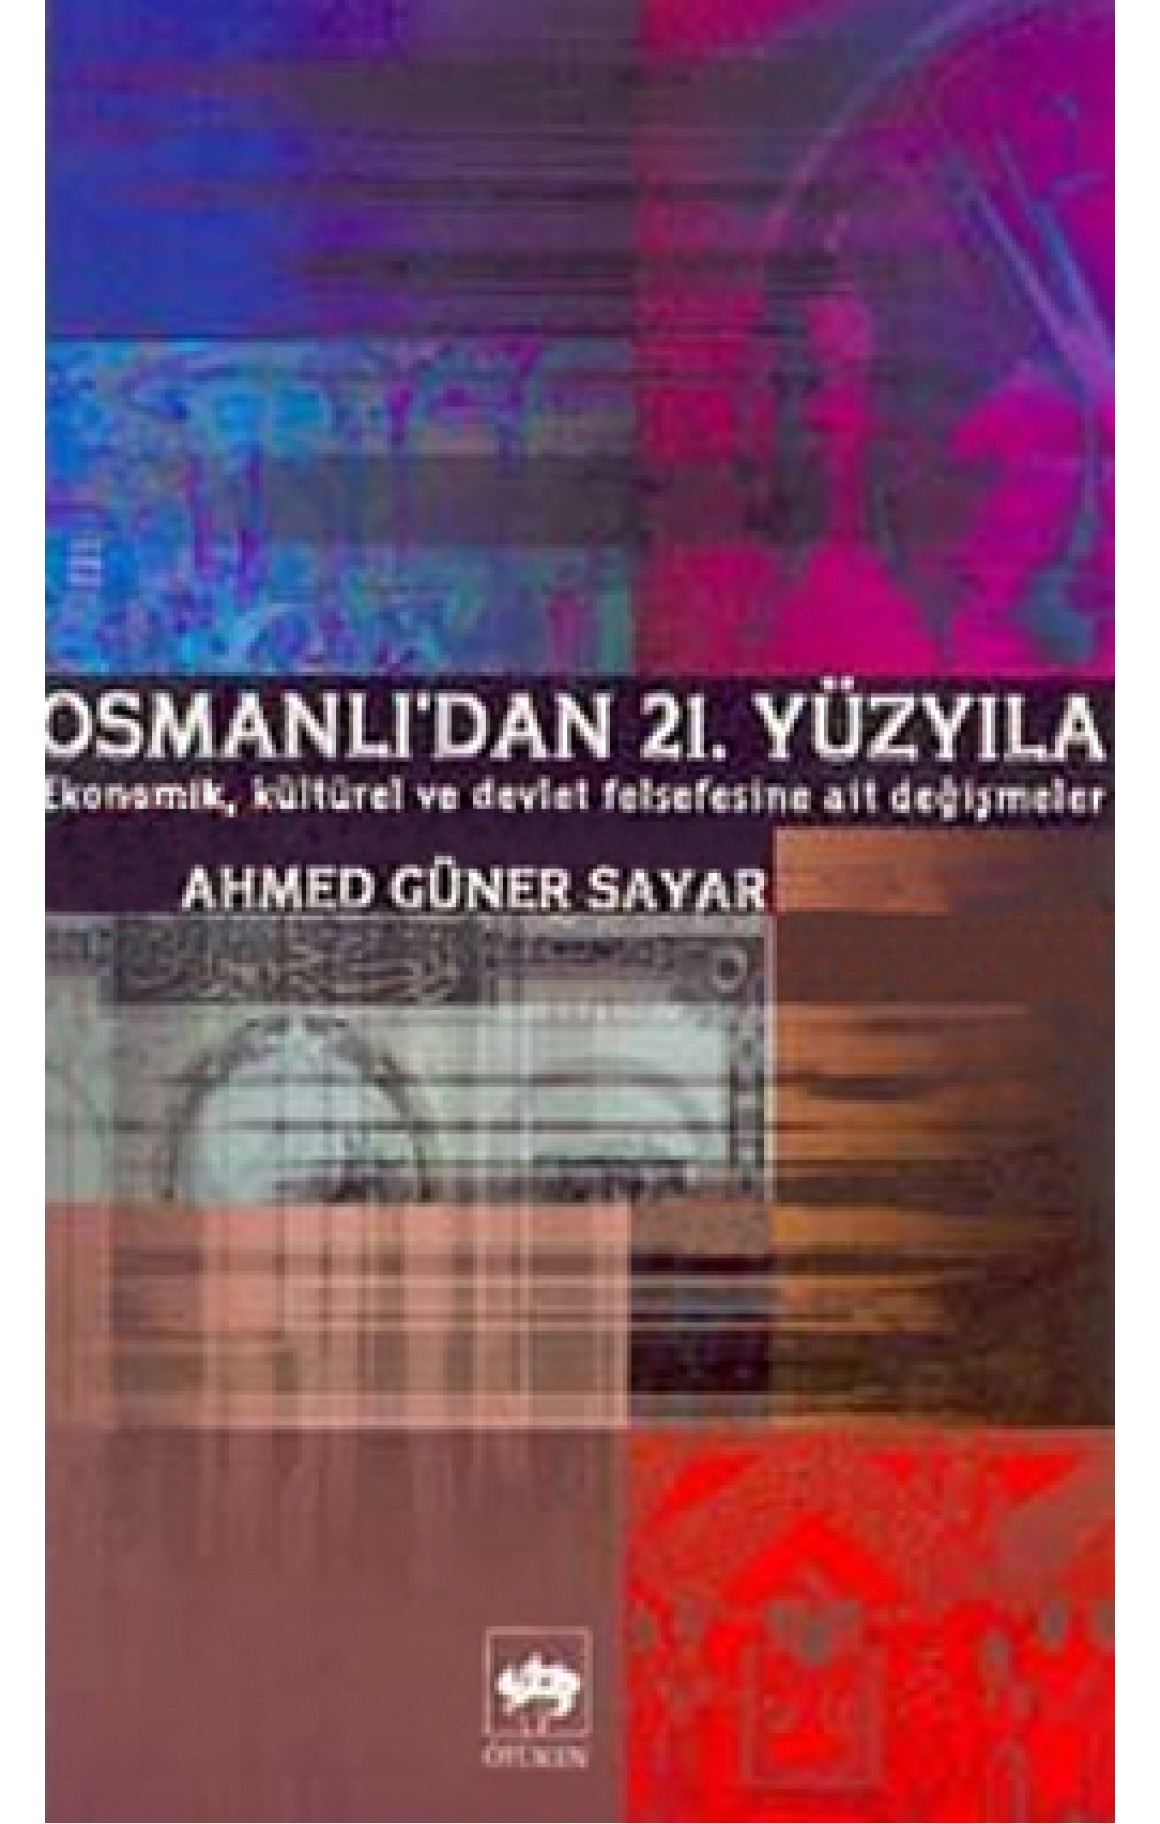 Osmanlıdan 21. Yüzyıl Ekonomik, Kültürel ve Devlet Meselelerine Ait Değişmeler